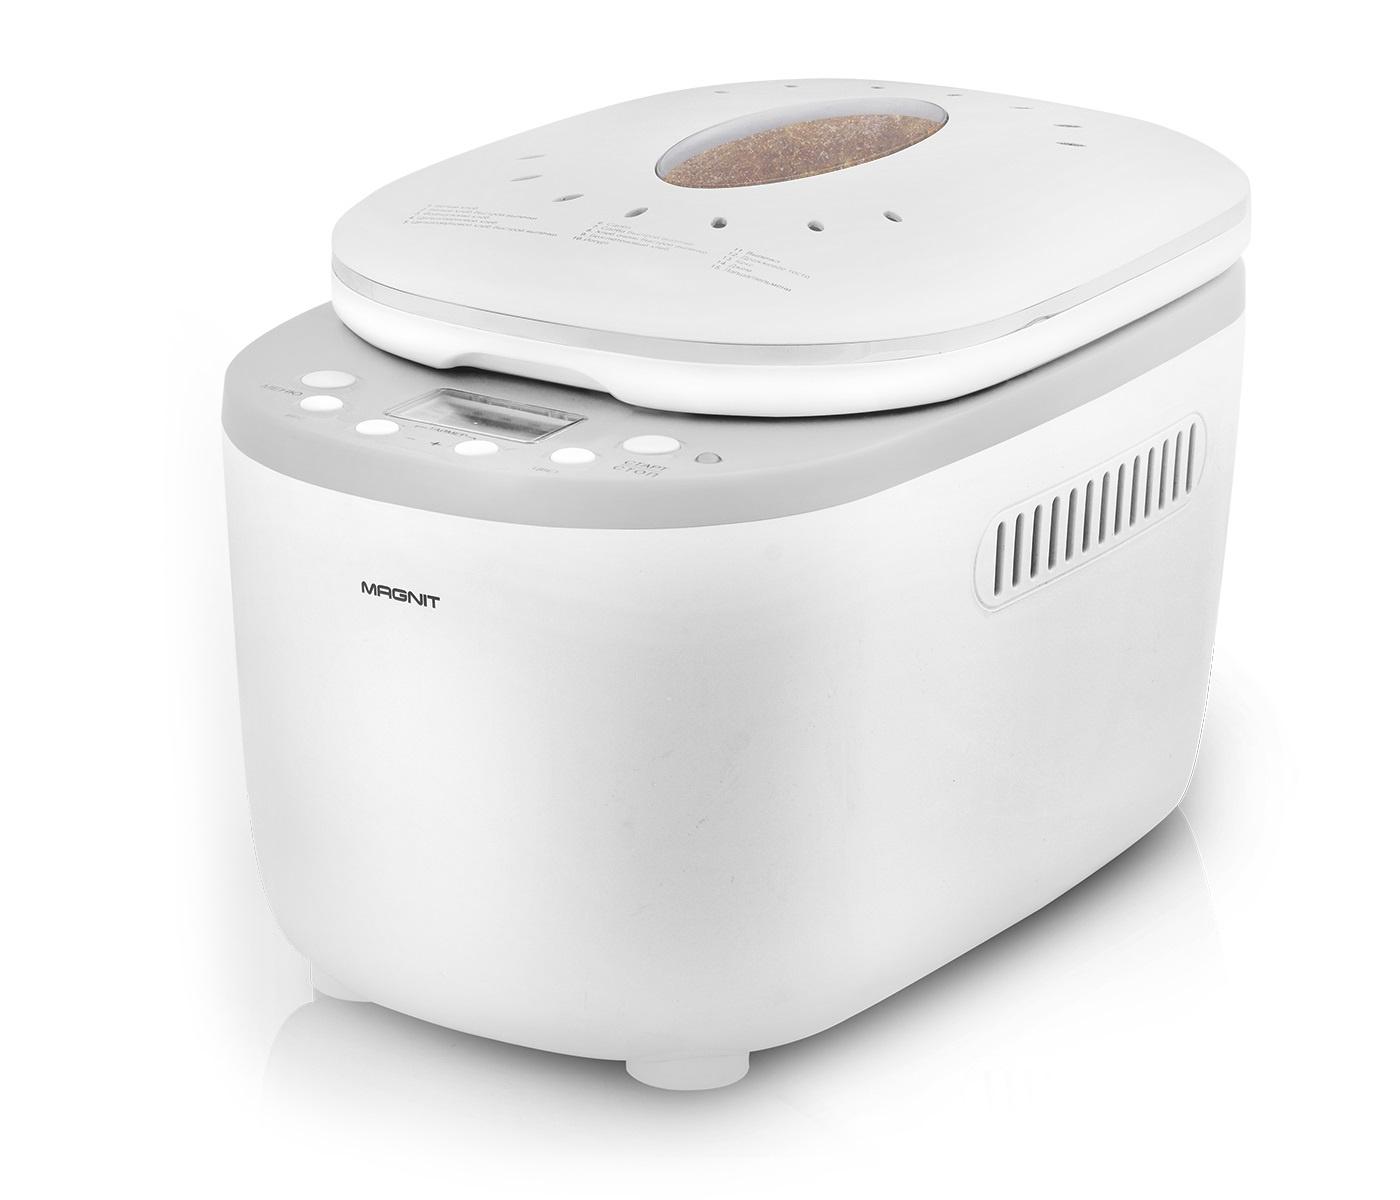 Хлебопечь Magnit, 1000 Вт, отложенный старт, 15 автомат. программ, 3 уровня поджар. корочки